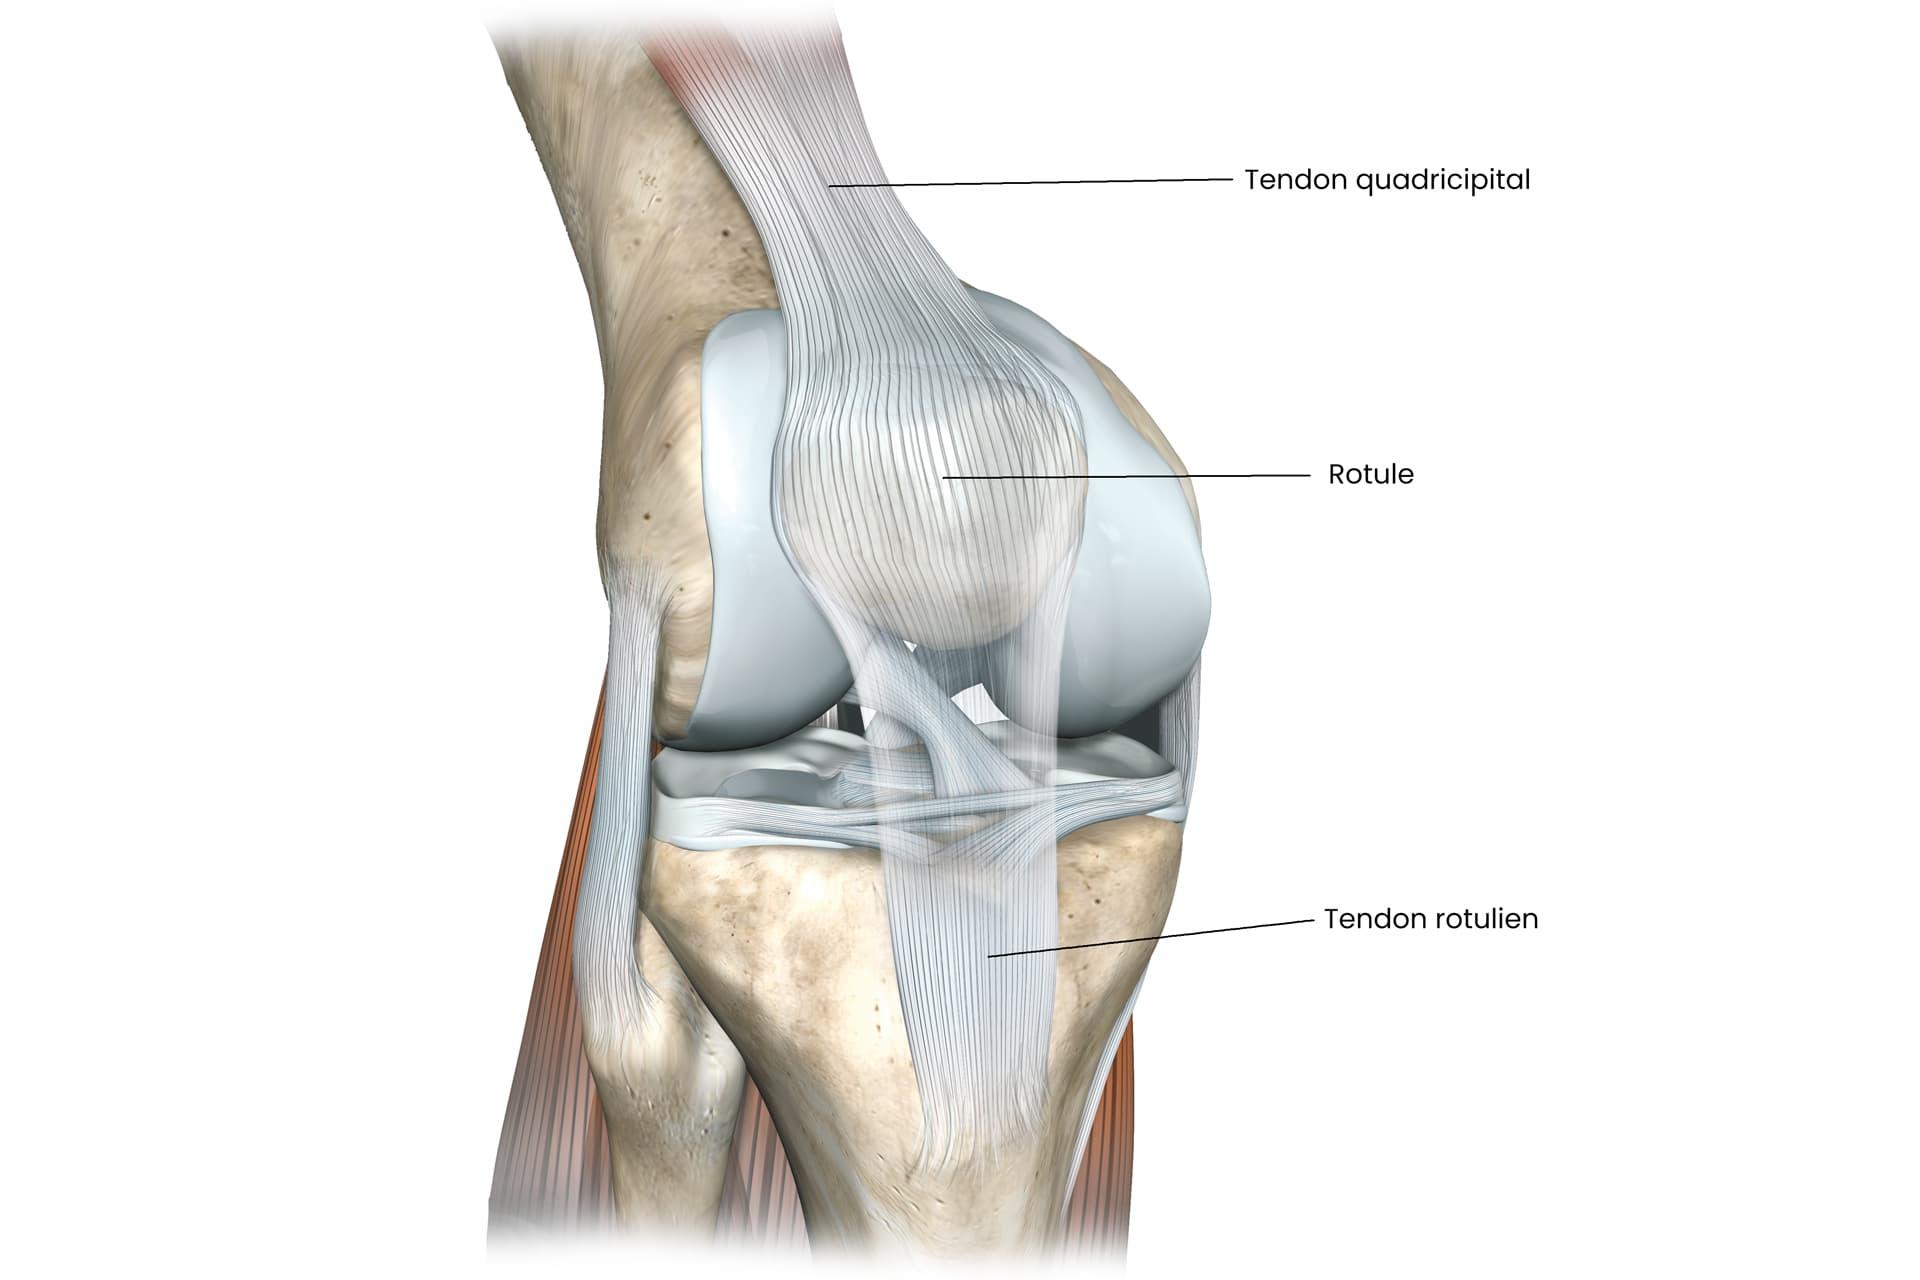 Tendons de l'appareil extenseur du genou